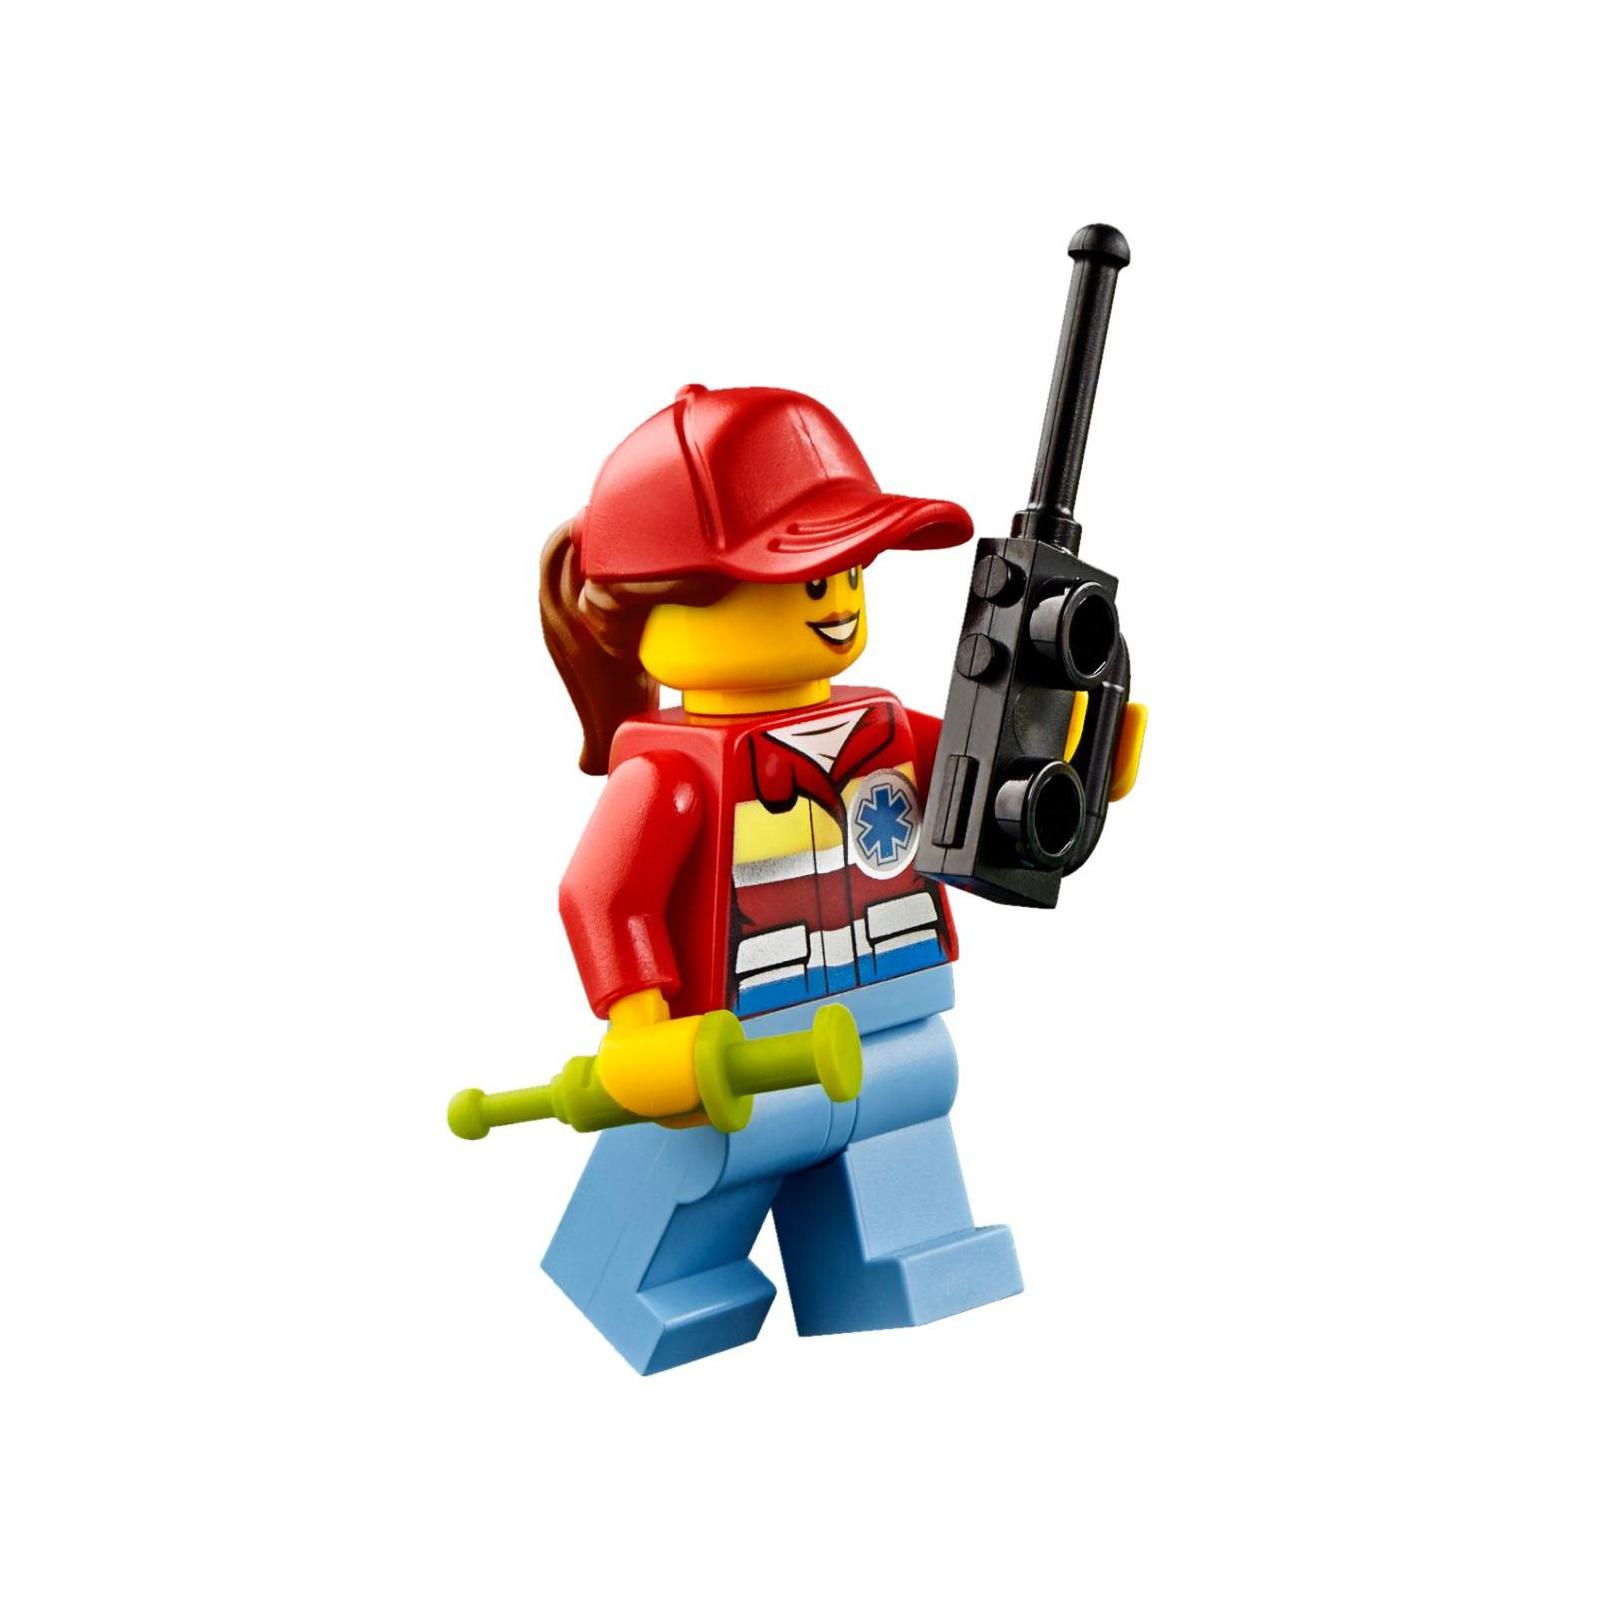 Конструктор LEGO City Вертолет скорой помощи (60179) изображение 5